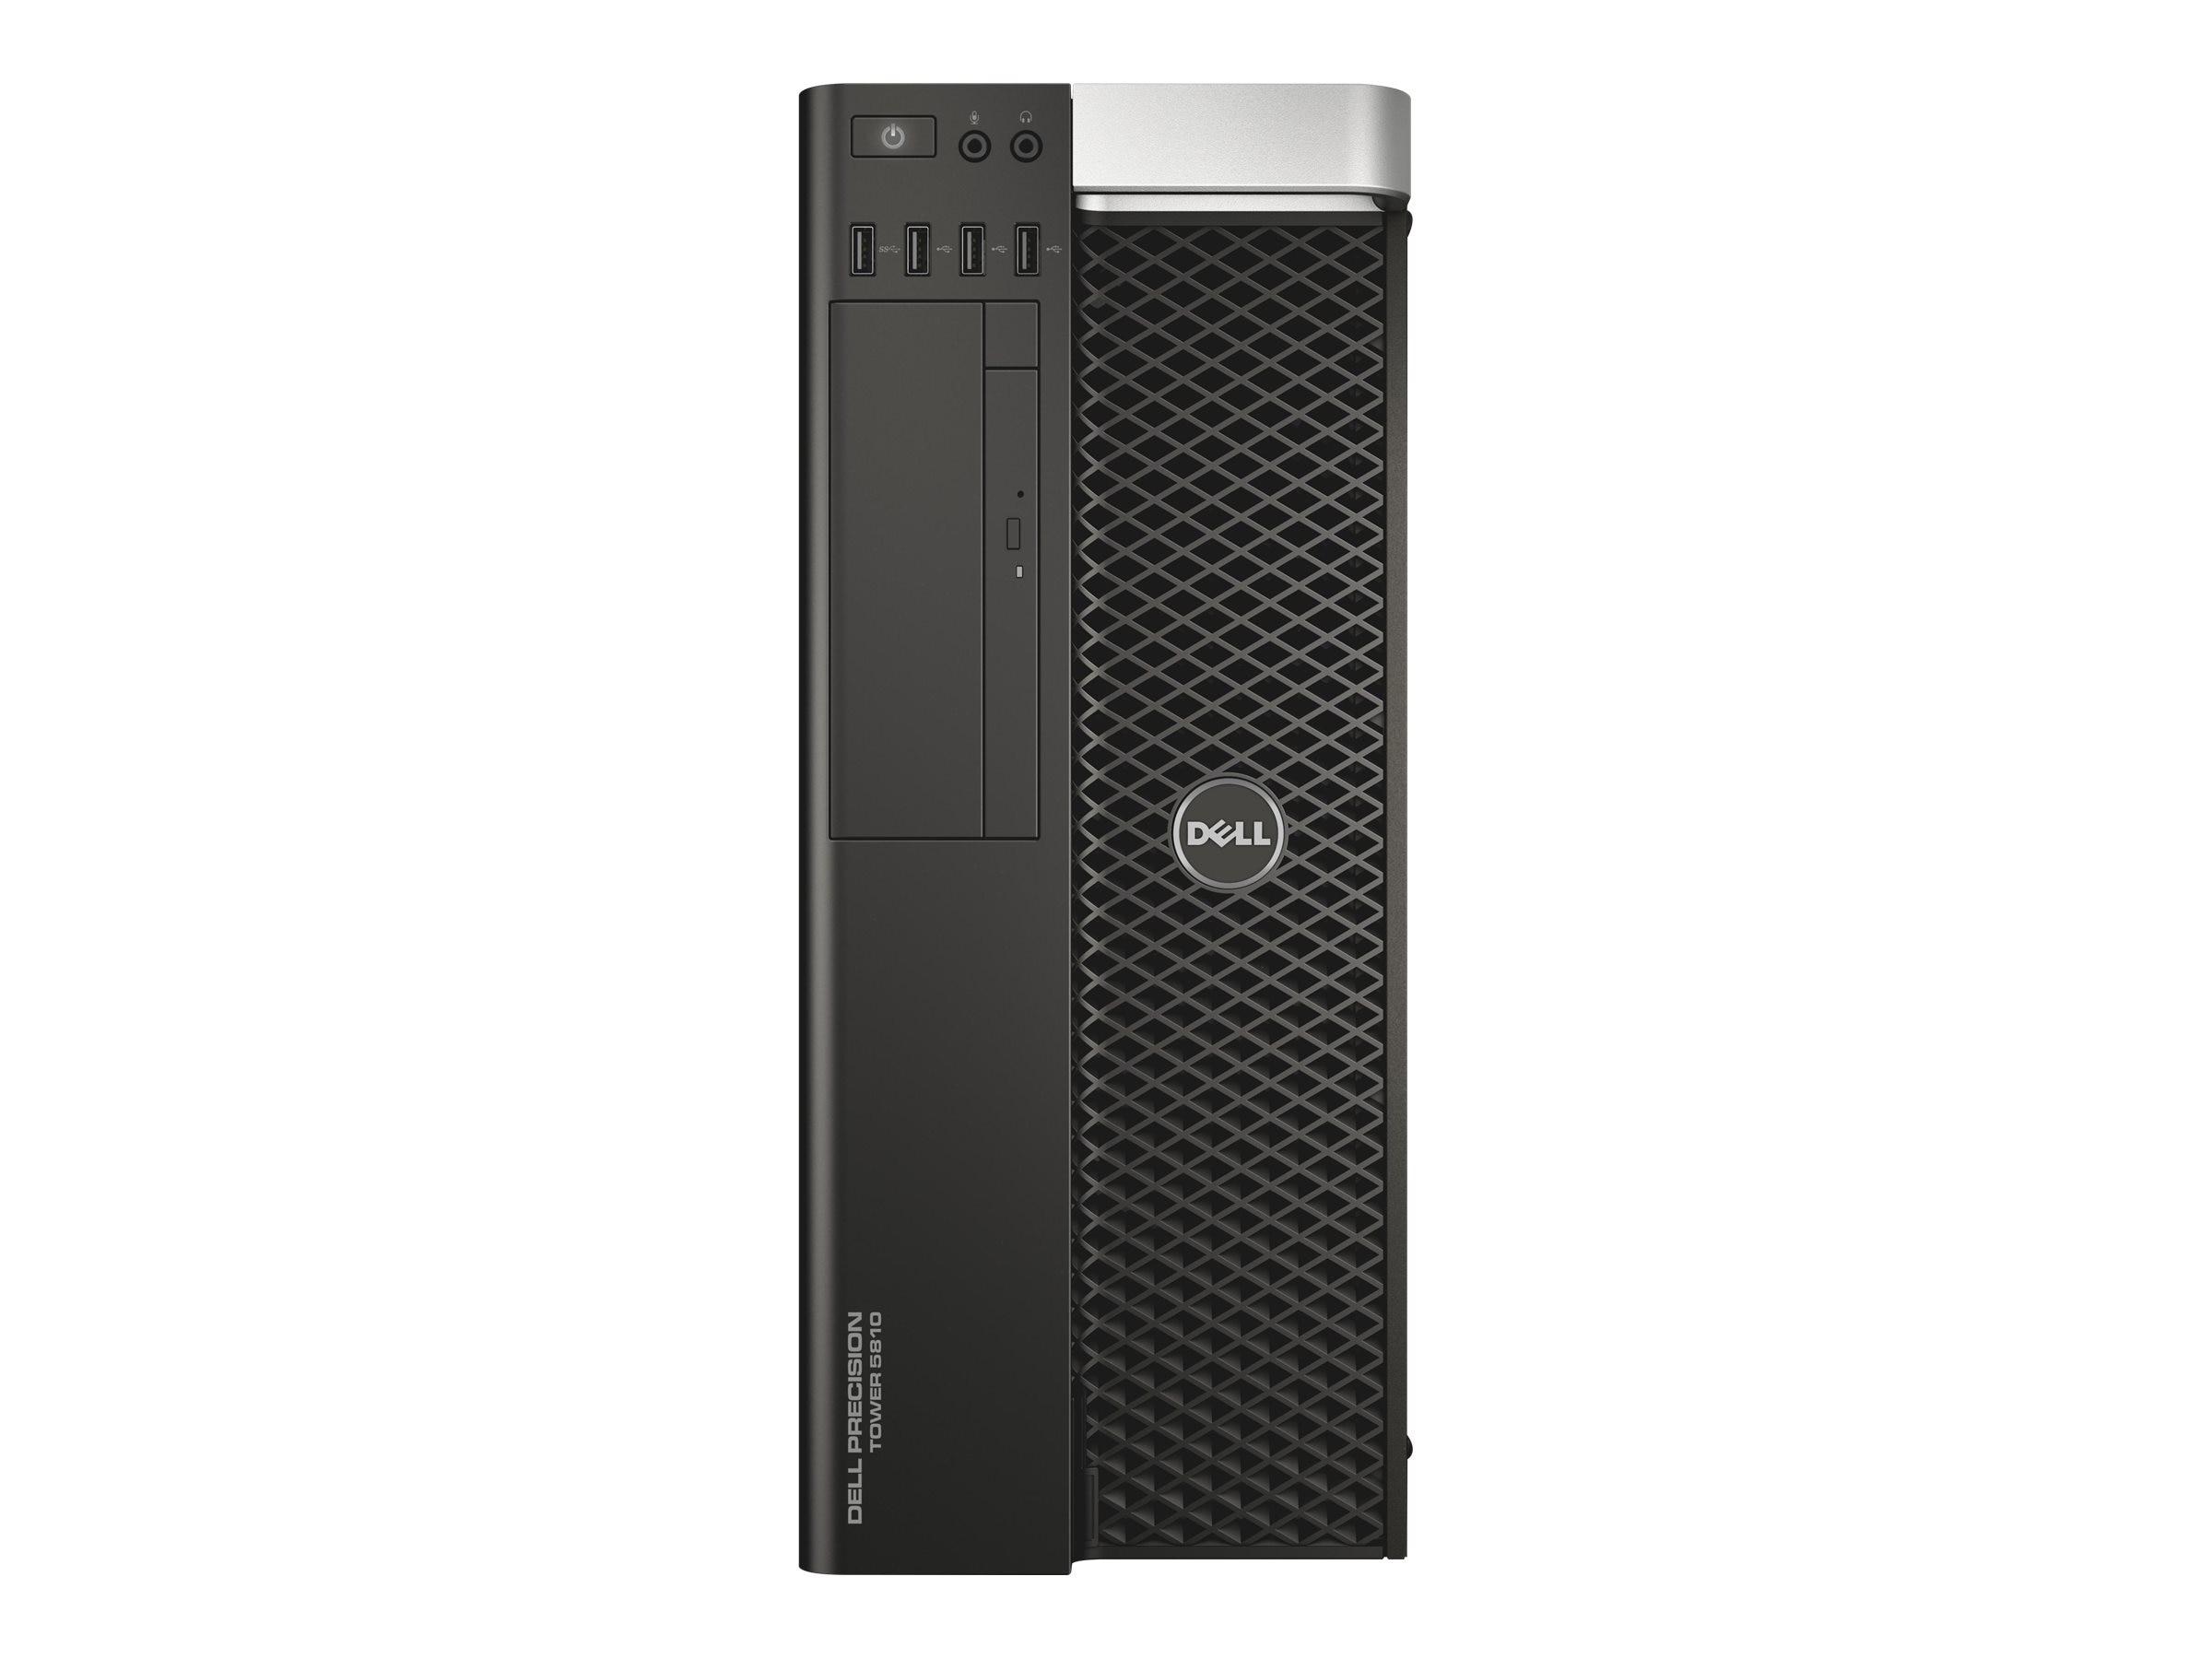 Dell XTV1N Image 5